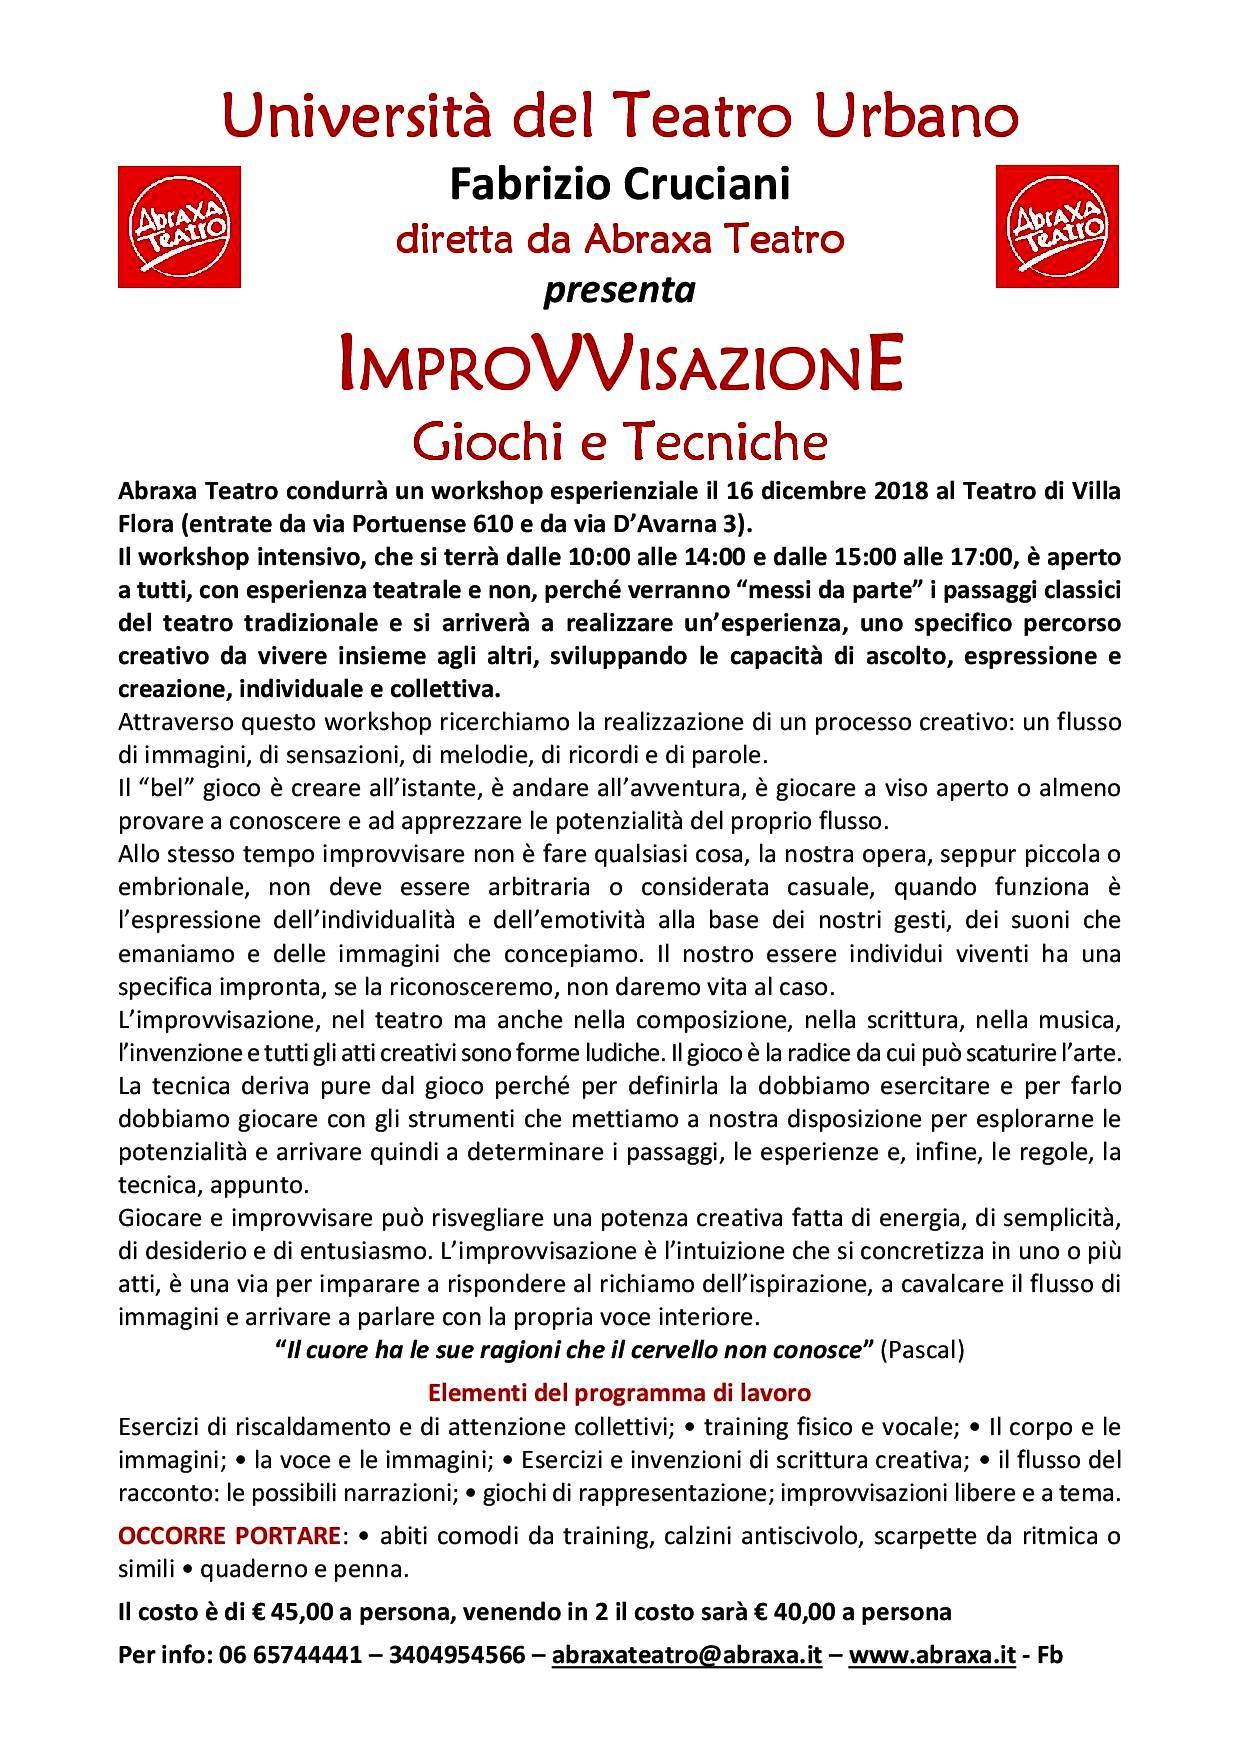 schedastage_improvvisazione